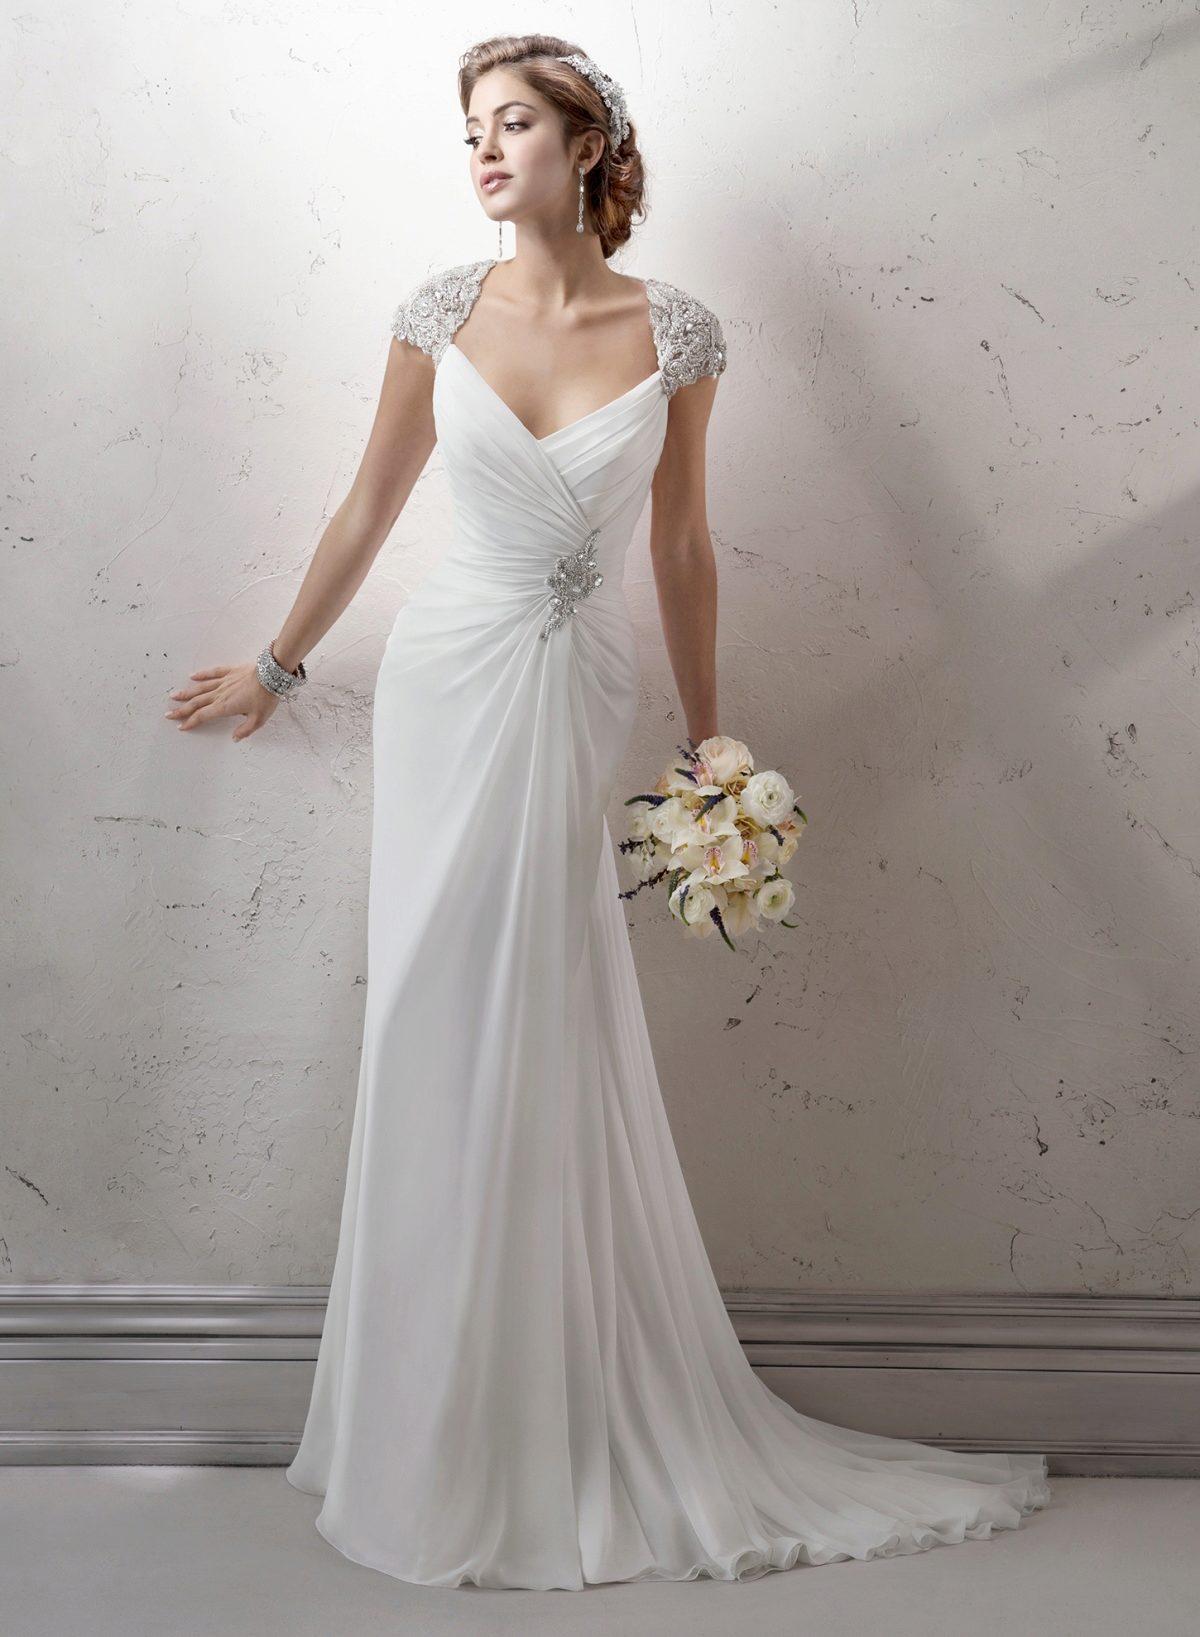 Чем прикрыть плечи в свадебном платье